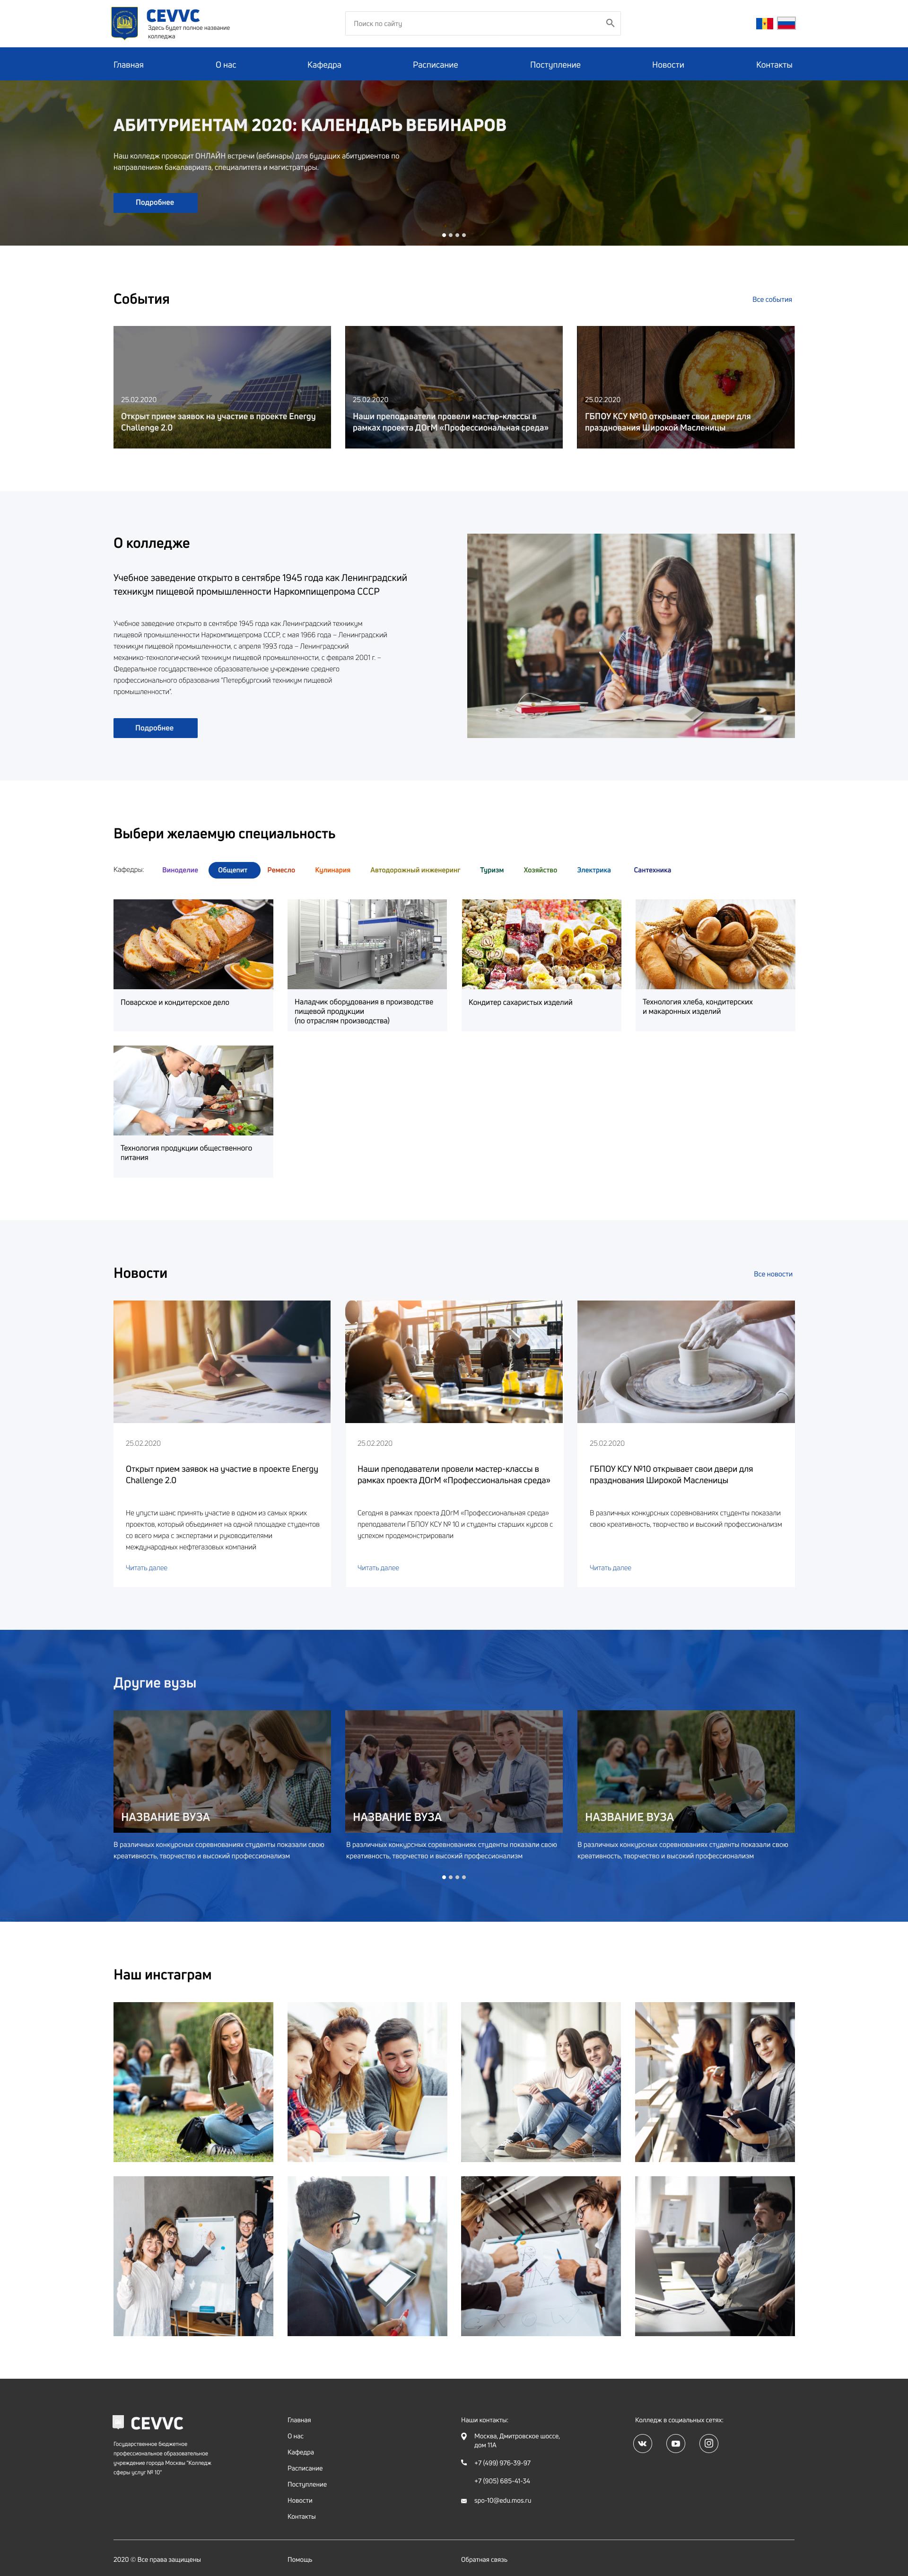 Разработка дизайна сайта колледжа фото f_8475e692da4194c7.jpg